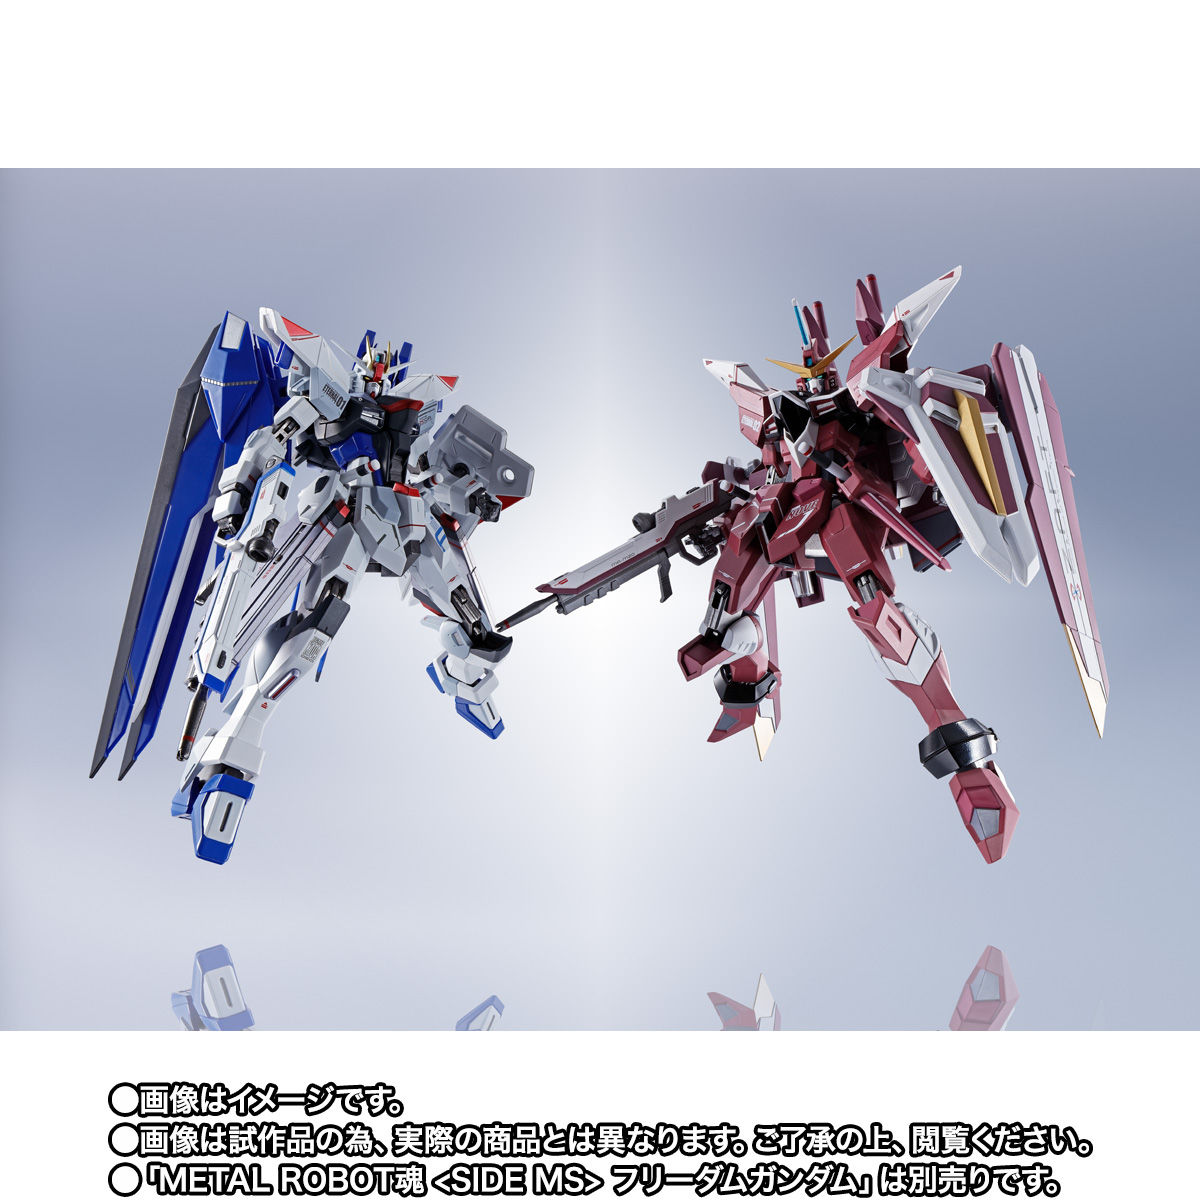 【限定販売】METAL ROBOT魂〈SIDE MS〉『ジャスティスガンダム』ガンダムSEED 可動フィギュア-010